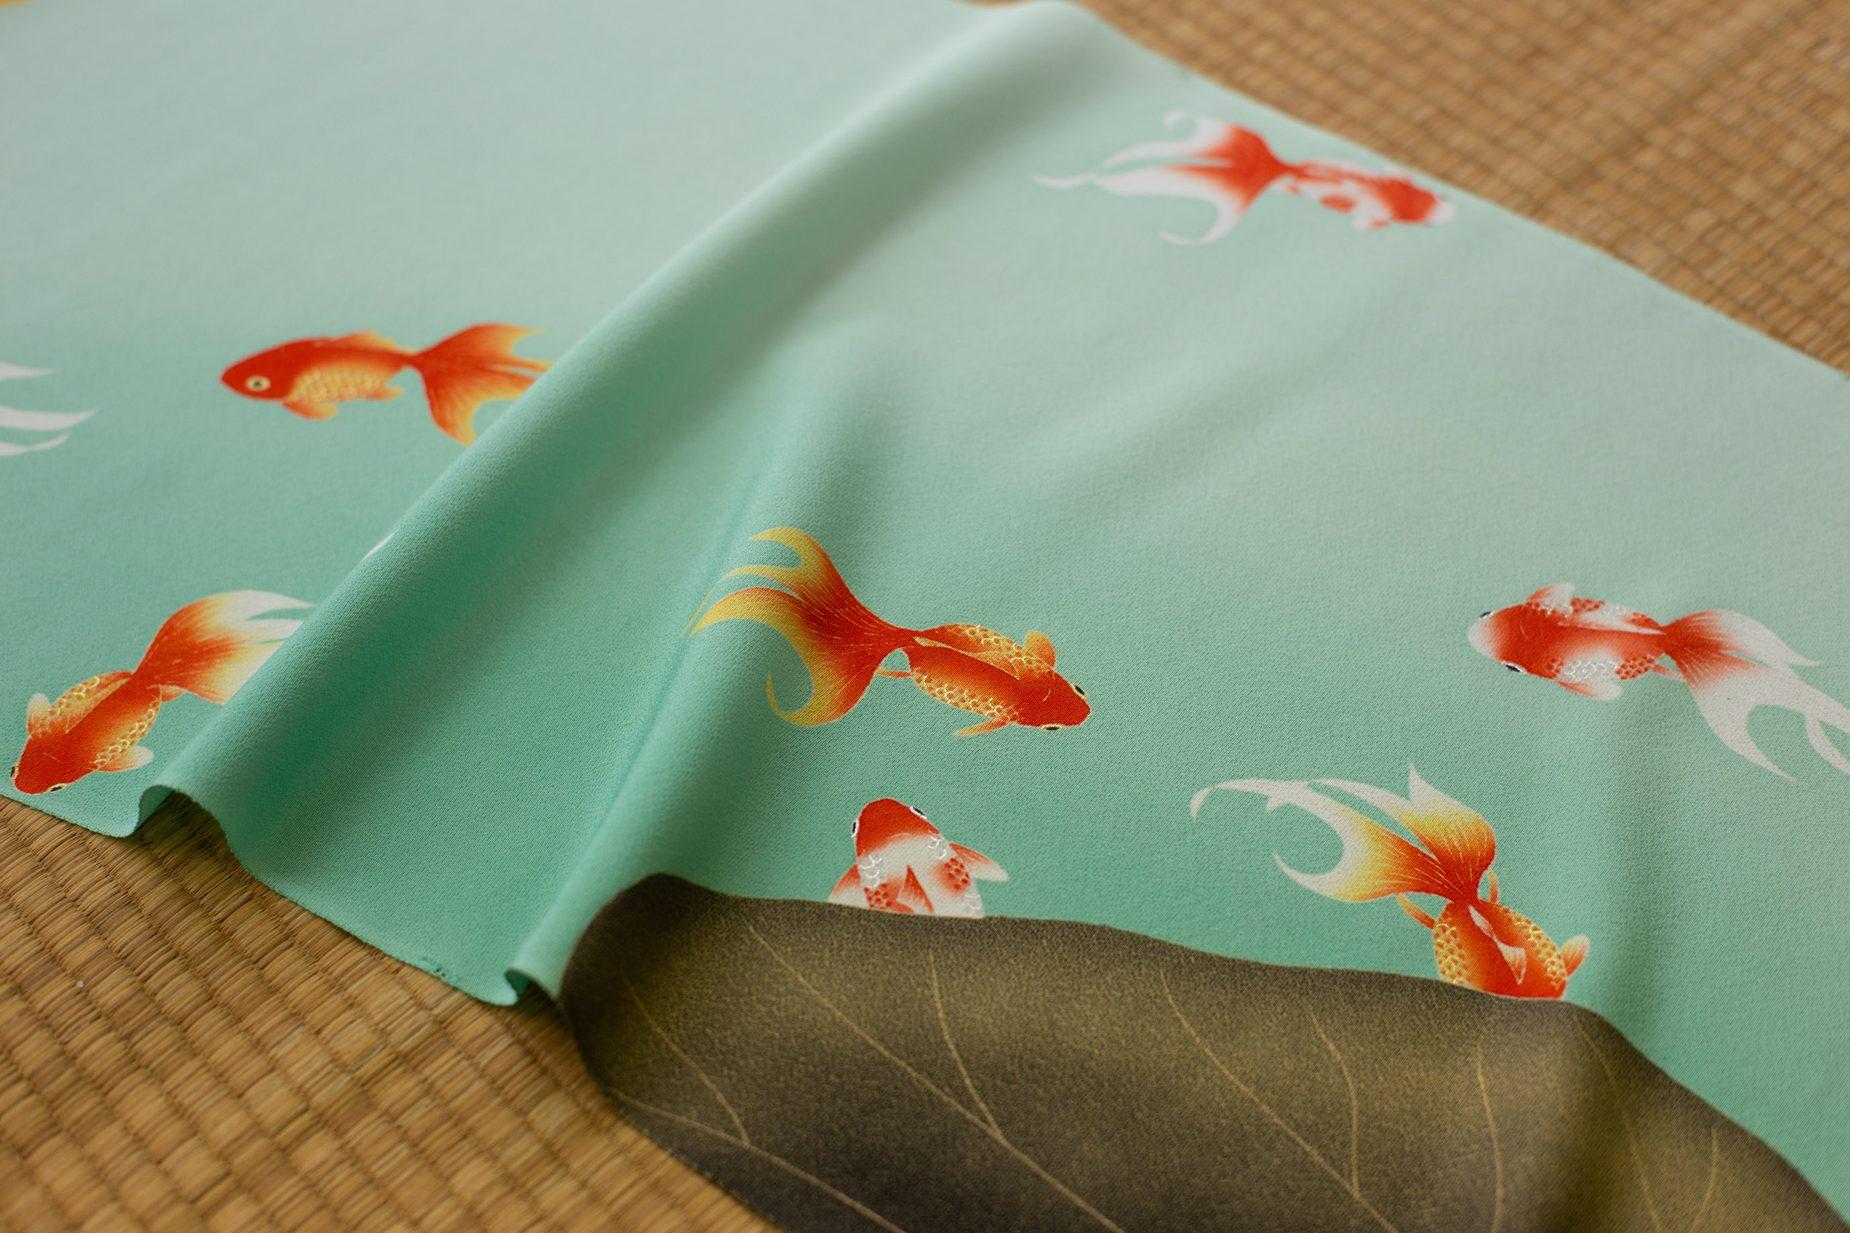 澄み切ったきれいな青に、グラデーションが美しい繊細な金魚が描かれた上仲さんの作品。説明せずとも良いものだと一目で分かります。